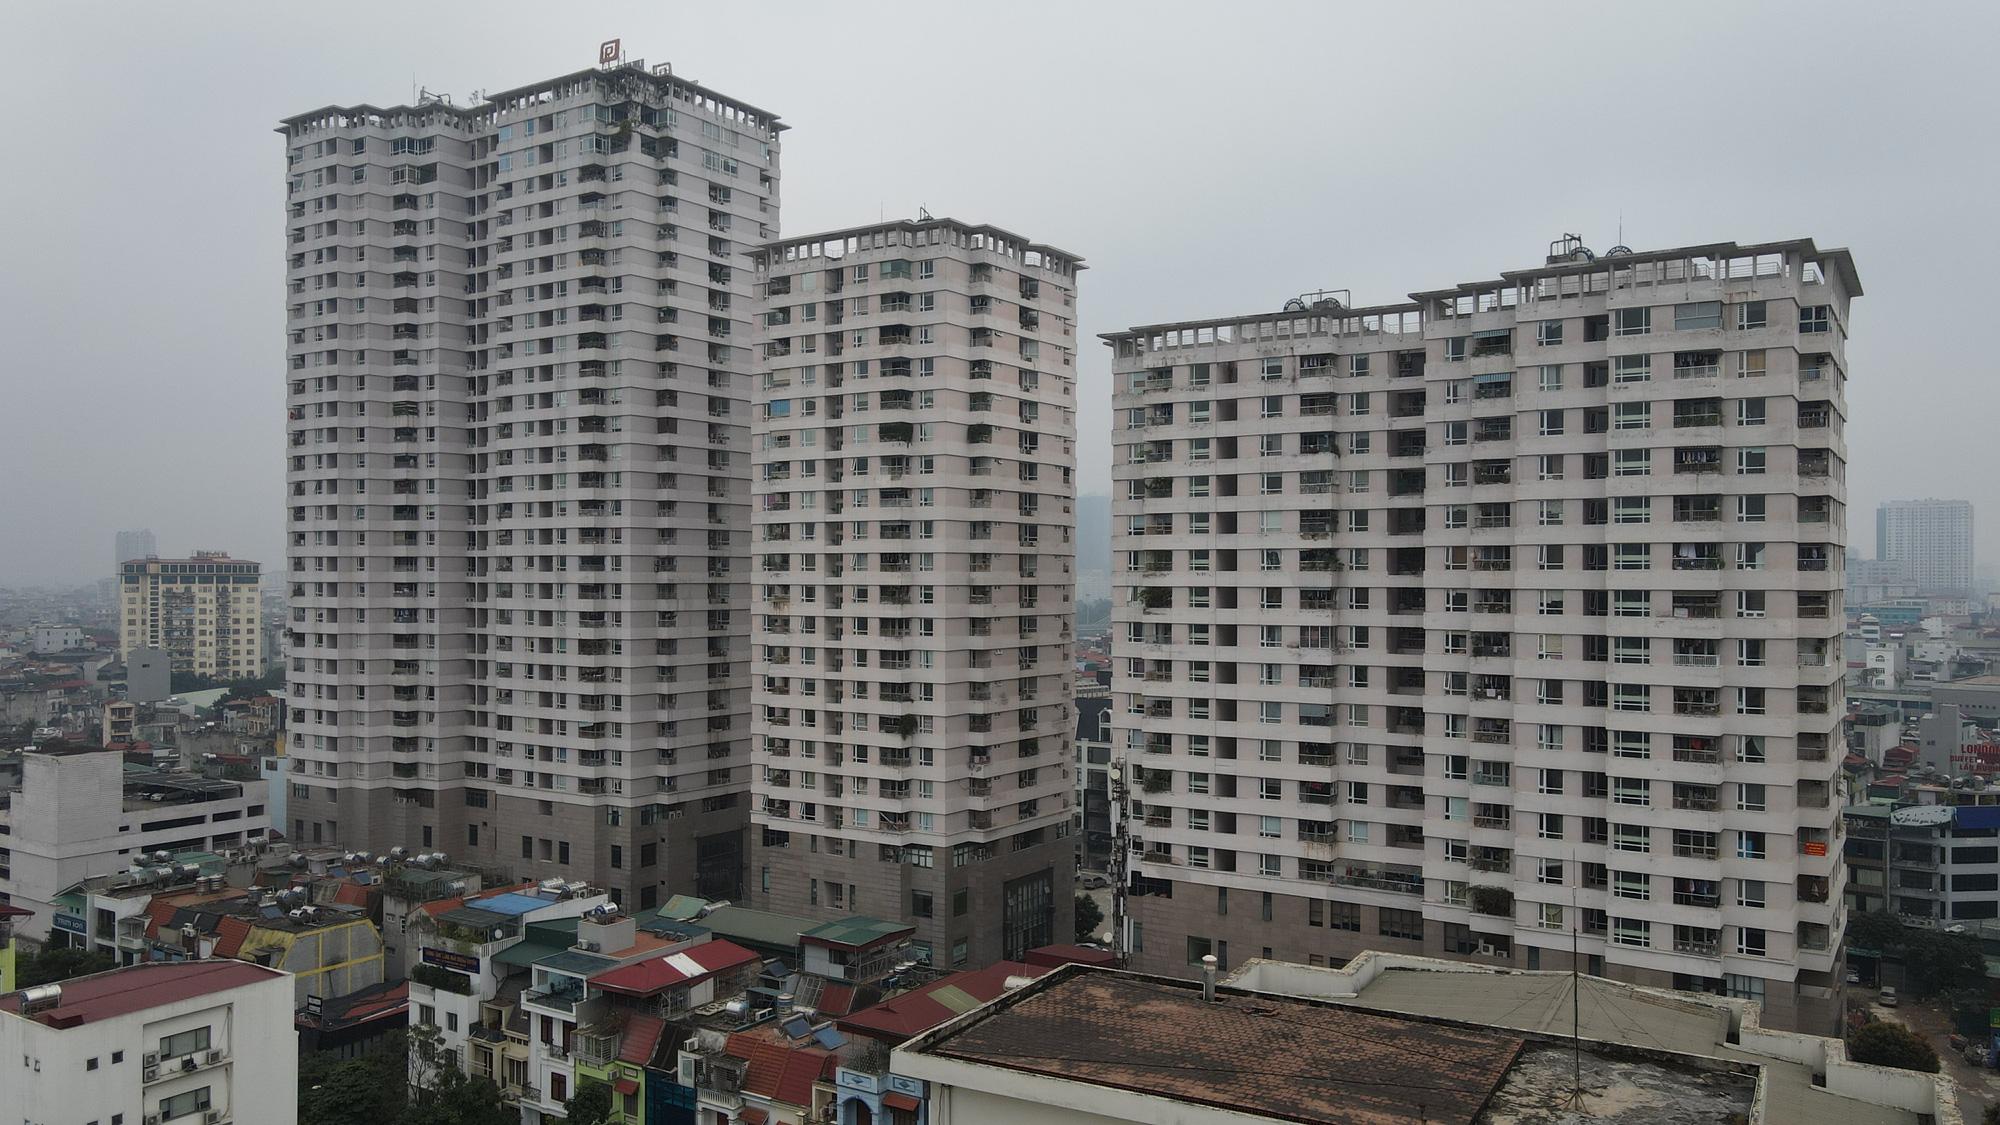 Hà Nội cập nhập dữ liệu về giá nhà đất hàng tháng - Ảnh 1.